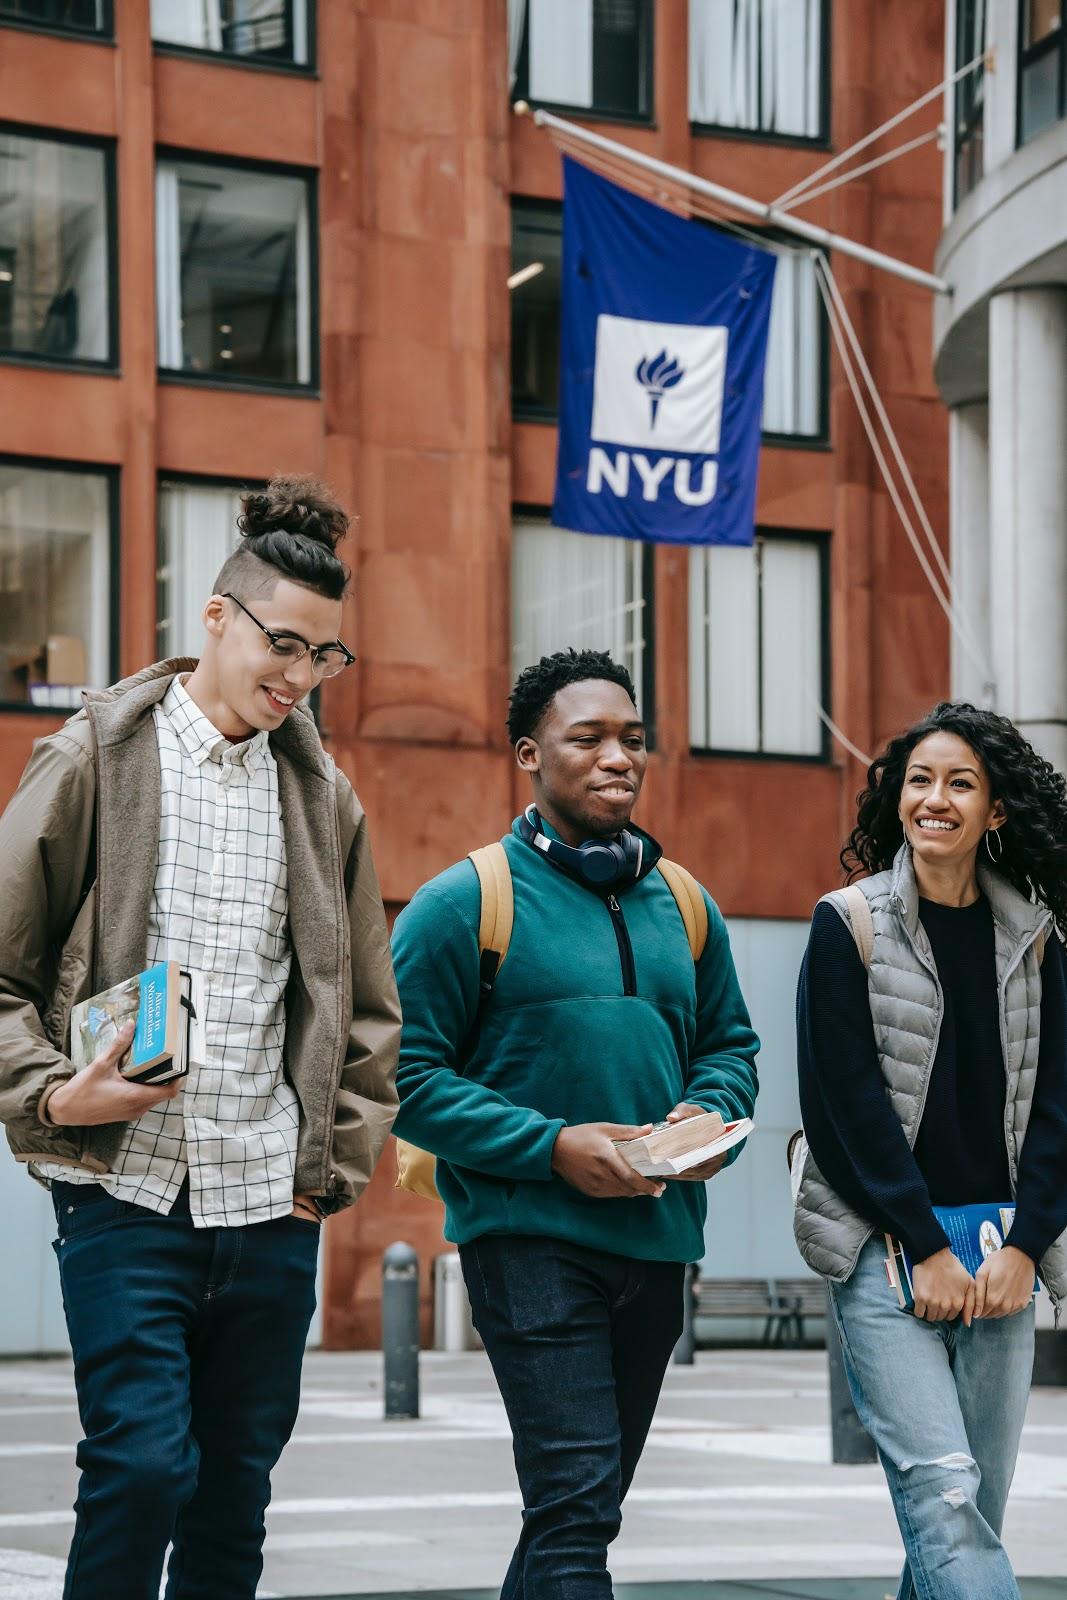 NYU women's health